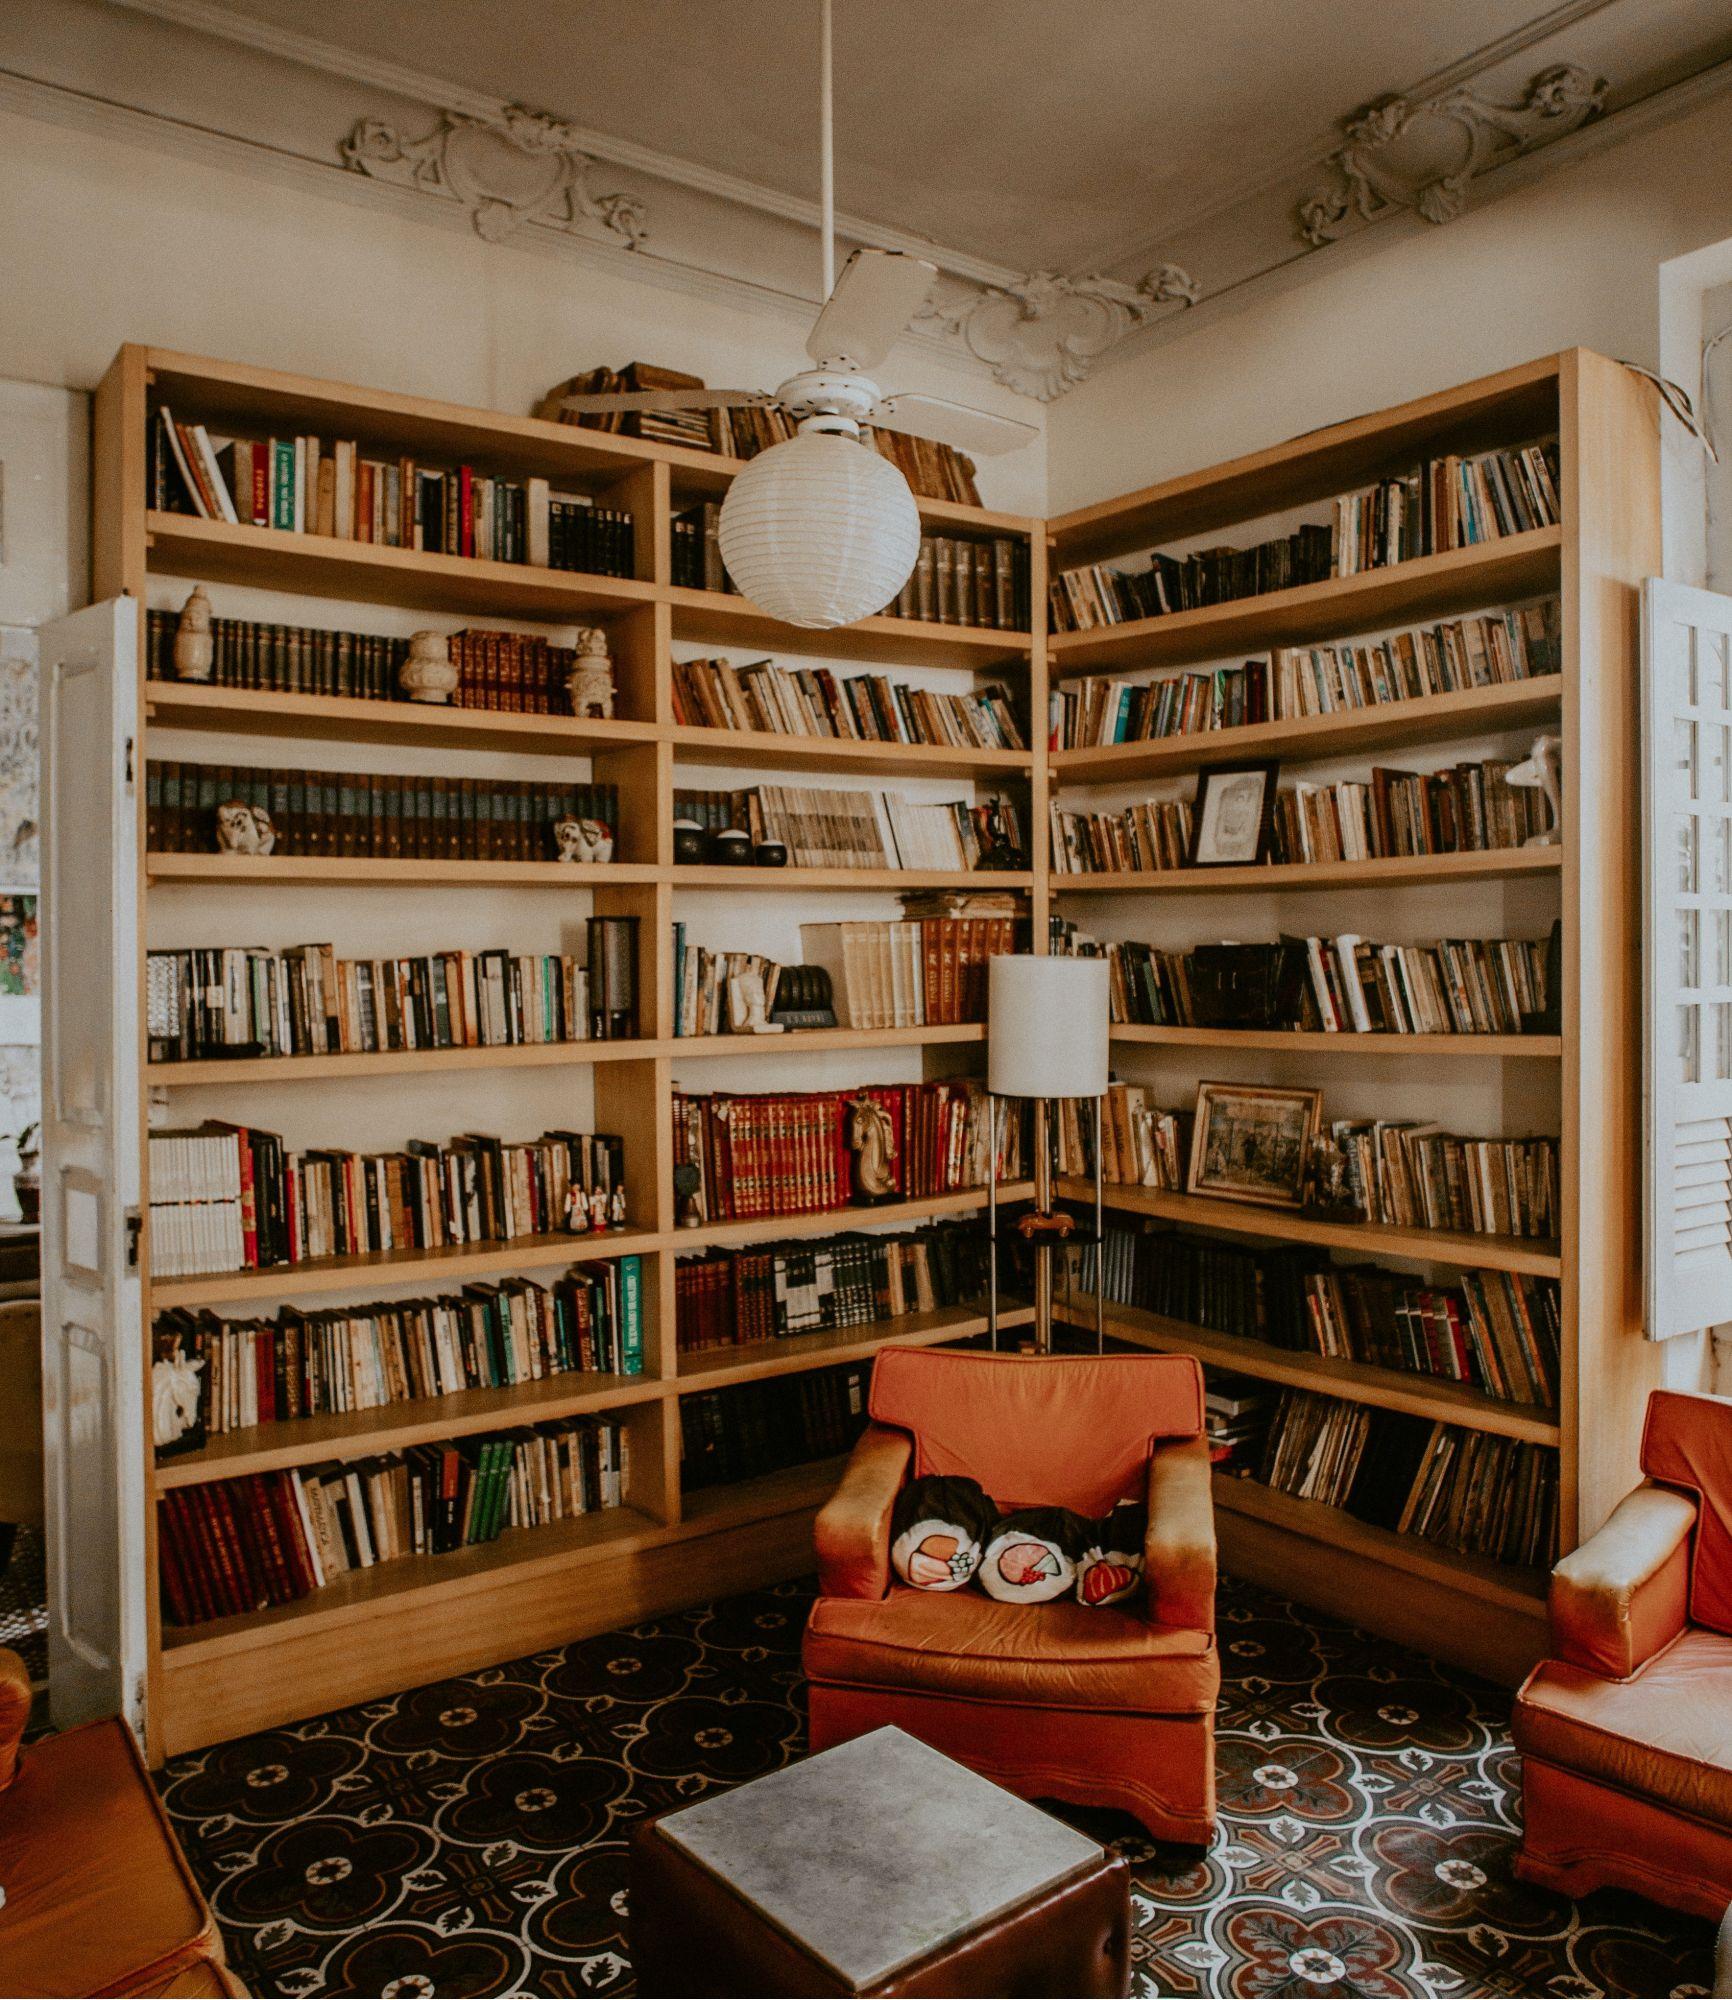 Ristrutturare casa: stucchi su soffitti